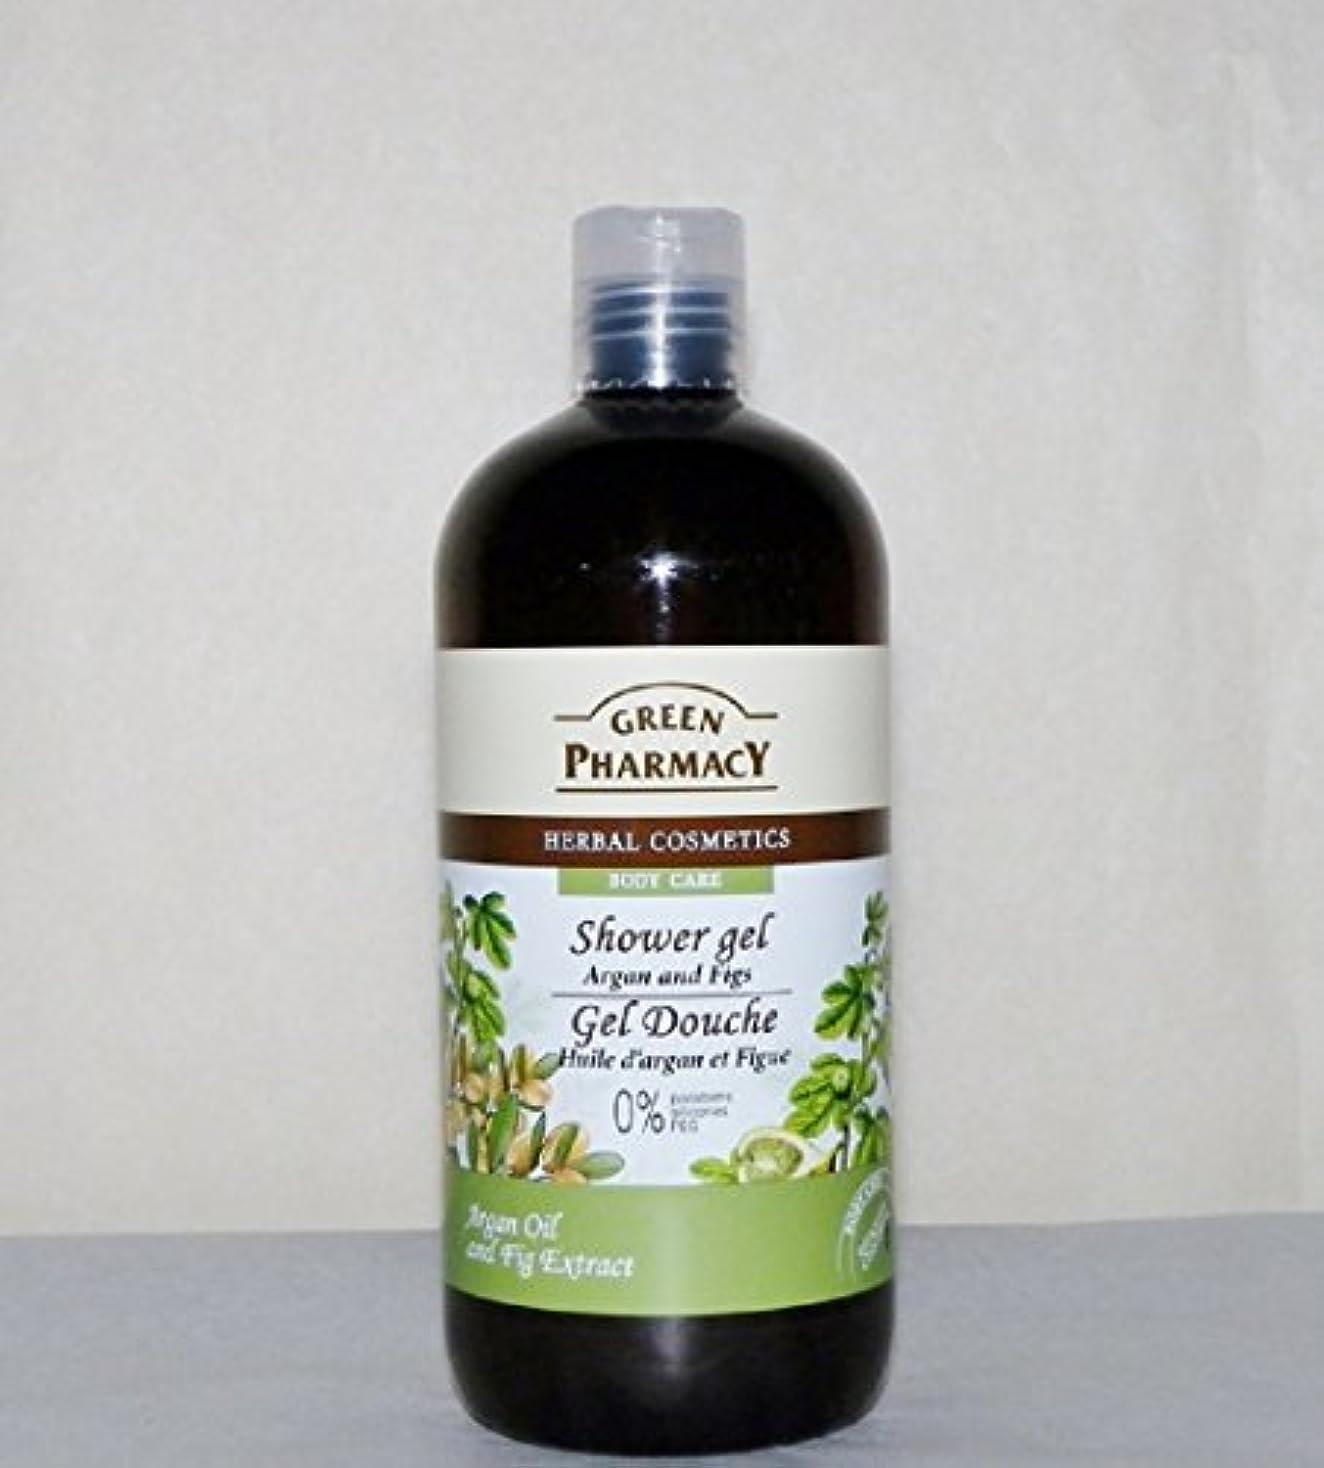 ぼろ呼び出す部分的Elfa Pharm Green Pharmacy グリーンファーマシー Shower Gel シャワージェル Argan Oil&Figs